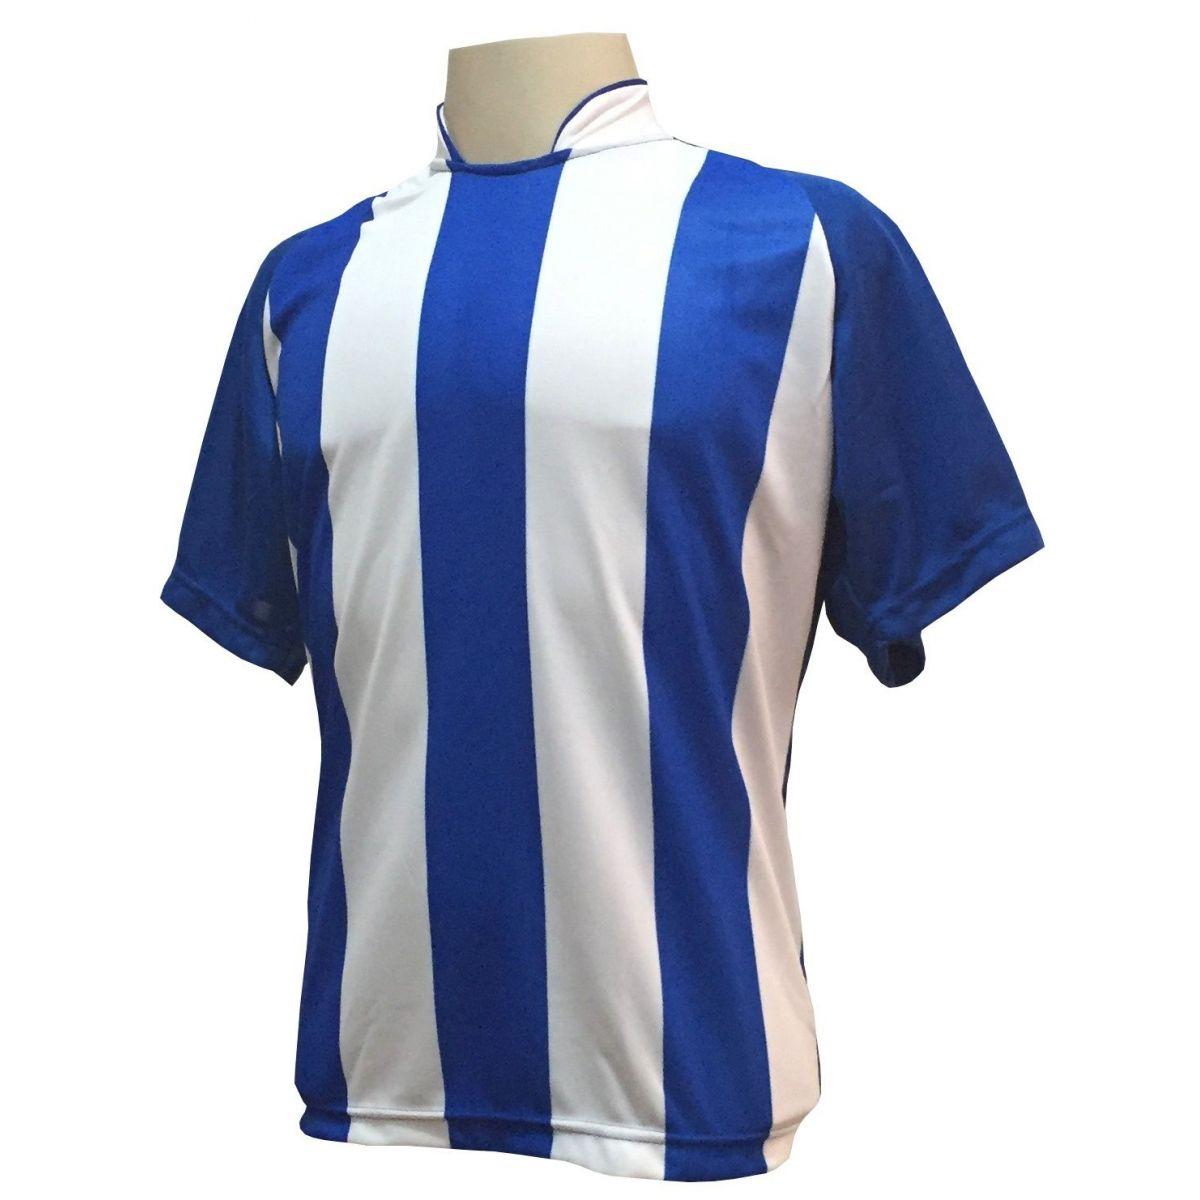 Uniforme Esportivo com 18 camisas modelo Milan Royal/Branco + 18 calções modelo Madrid + 1 Goleiro + Brindes